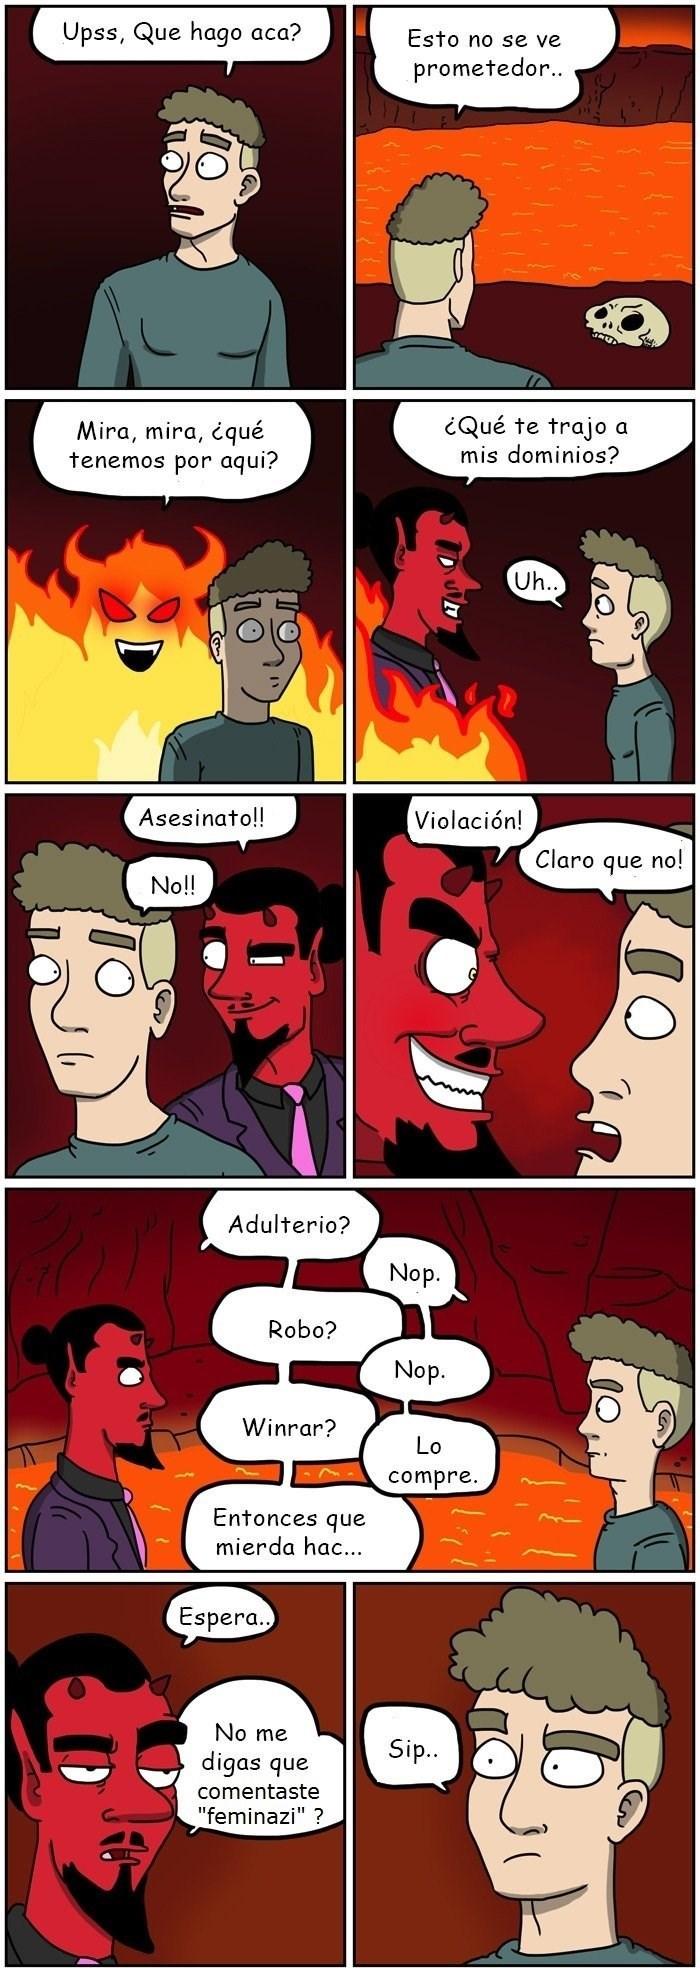 un chico se encuentra en el infierno por haber comentado feminazi